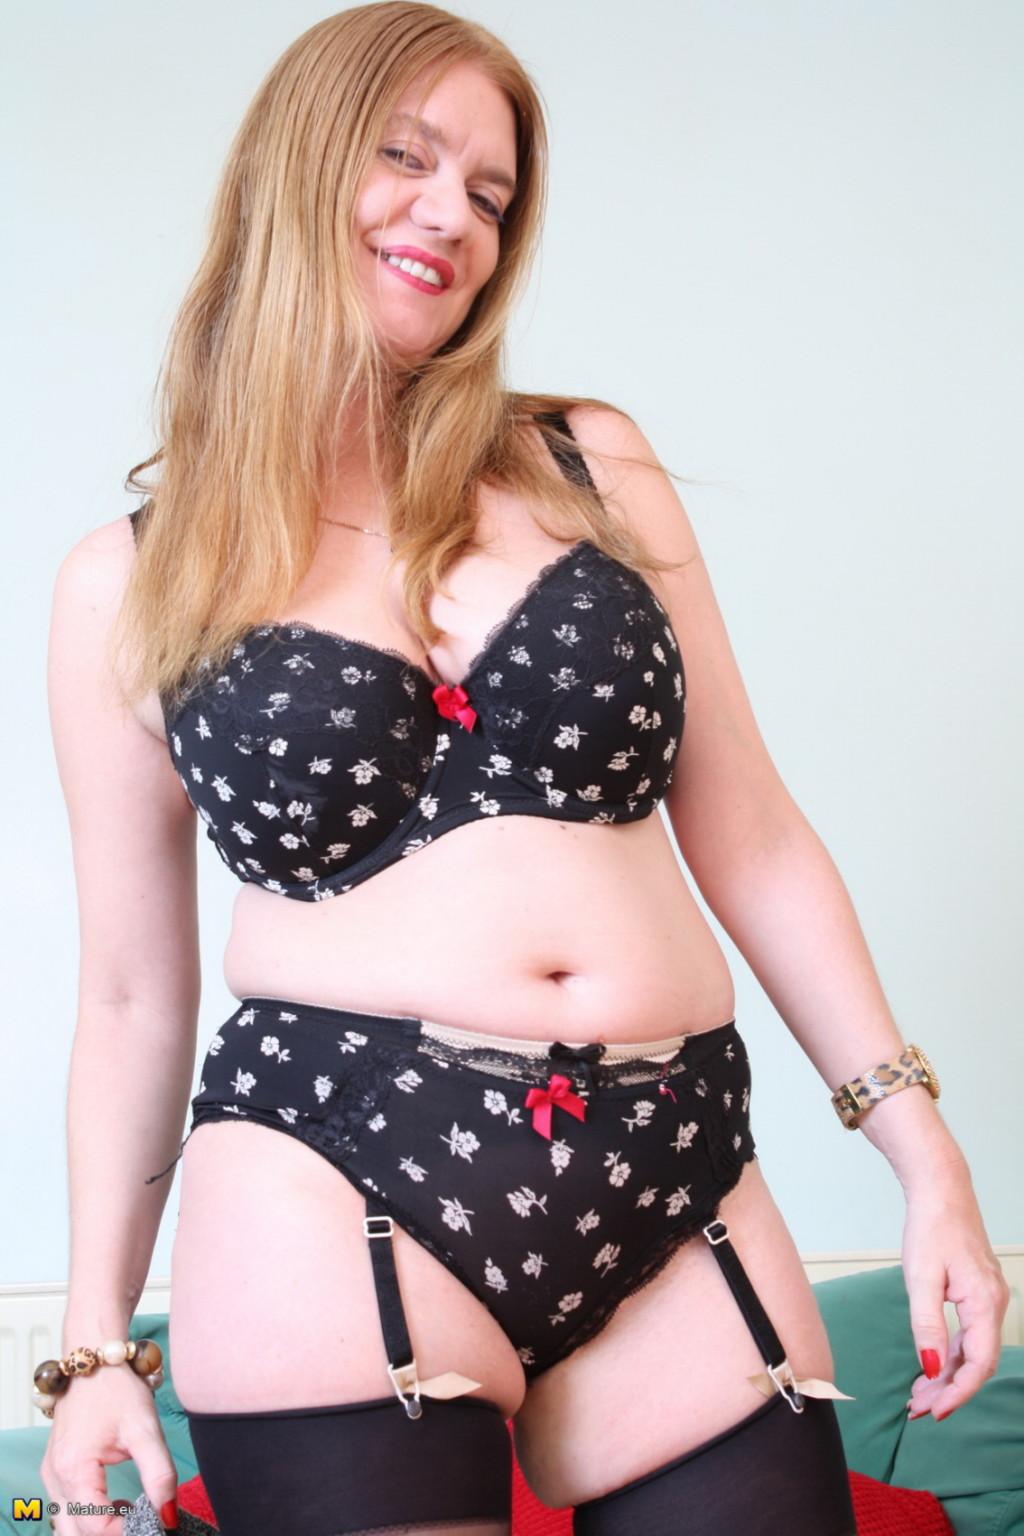 Зрелая девушка на кастинге эротично снимает с себя верхнюю одежду